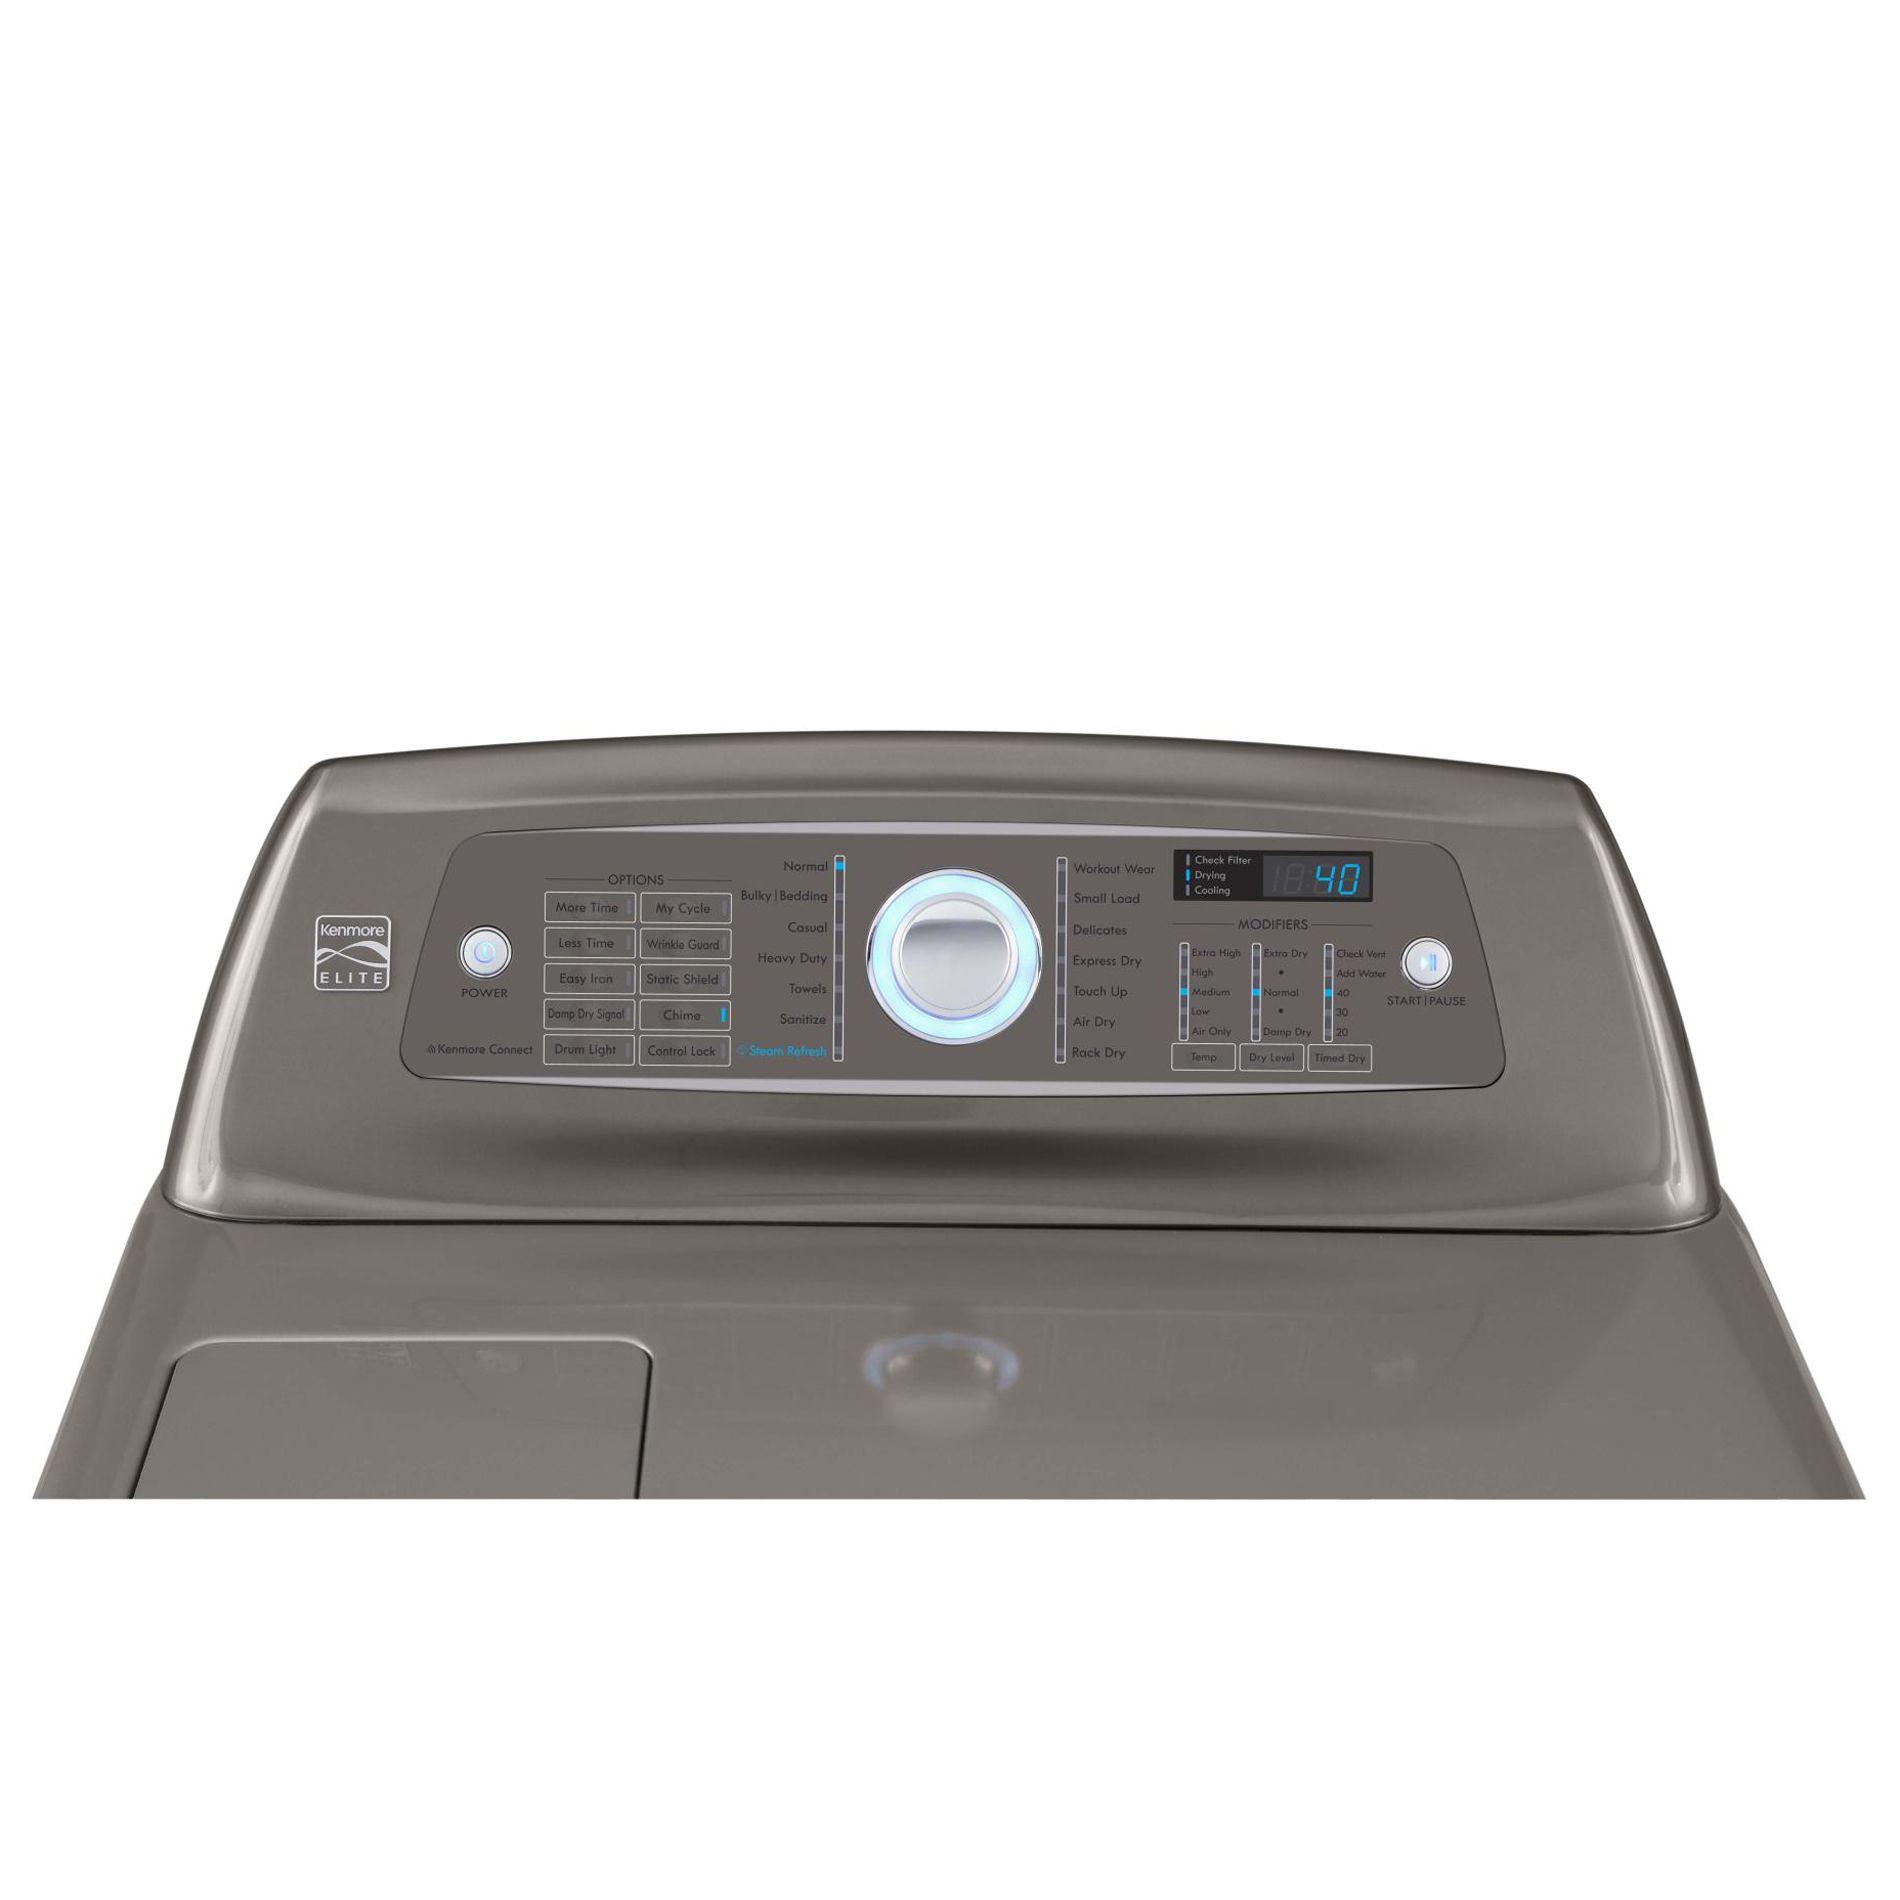 Kenmore Elite 7.3 cu. ft. Electric Dryer - Metallic